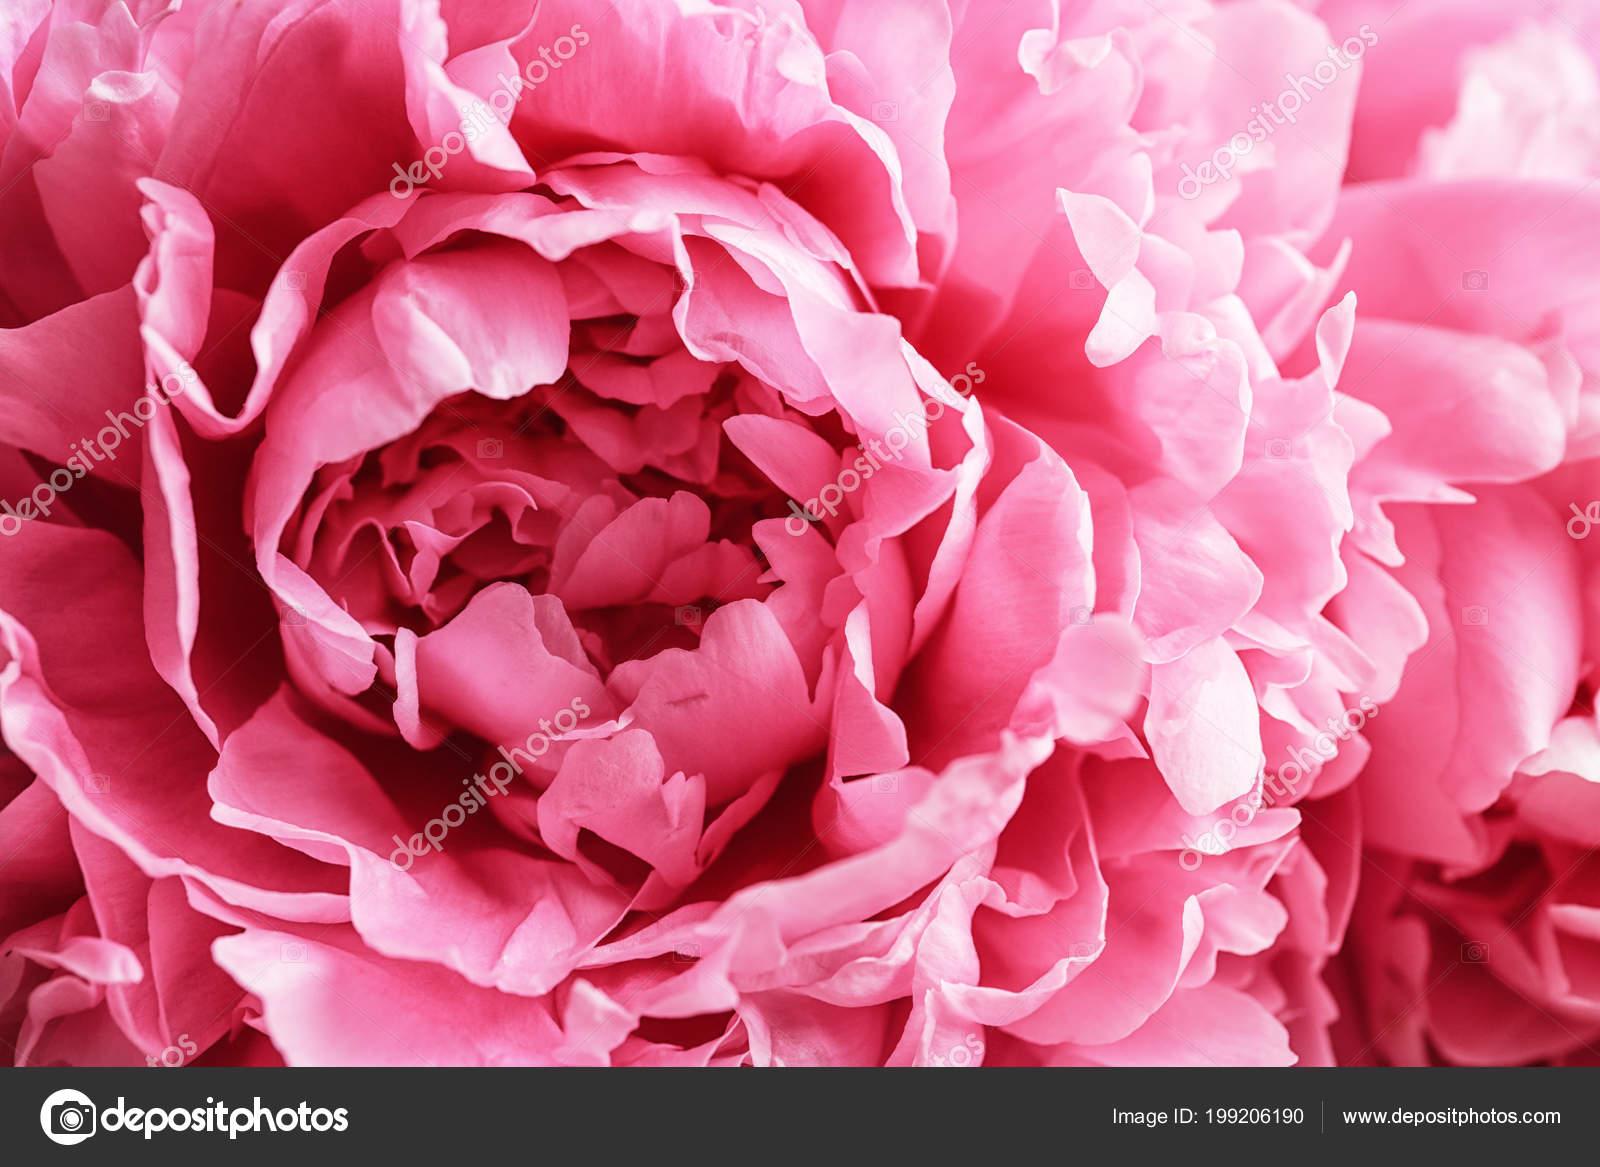 flor hermosa peonía fragante como fondo foto de stock